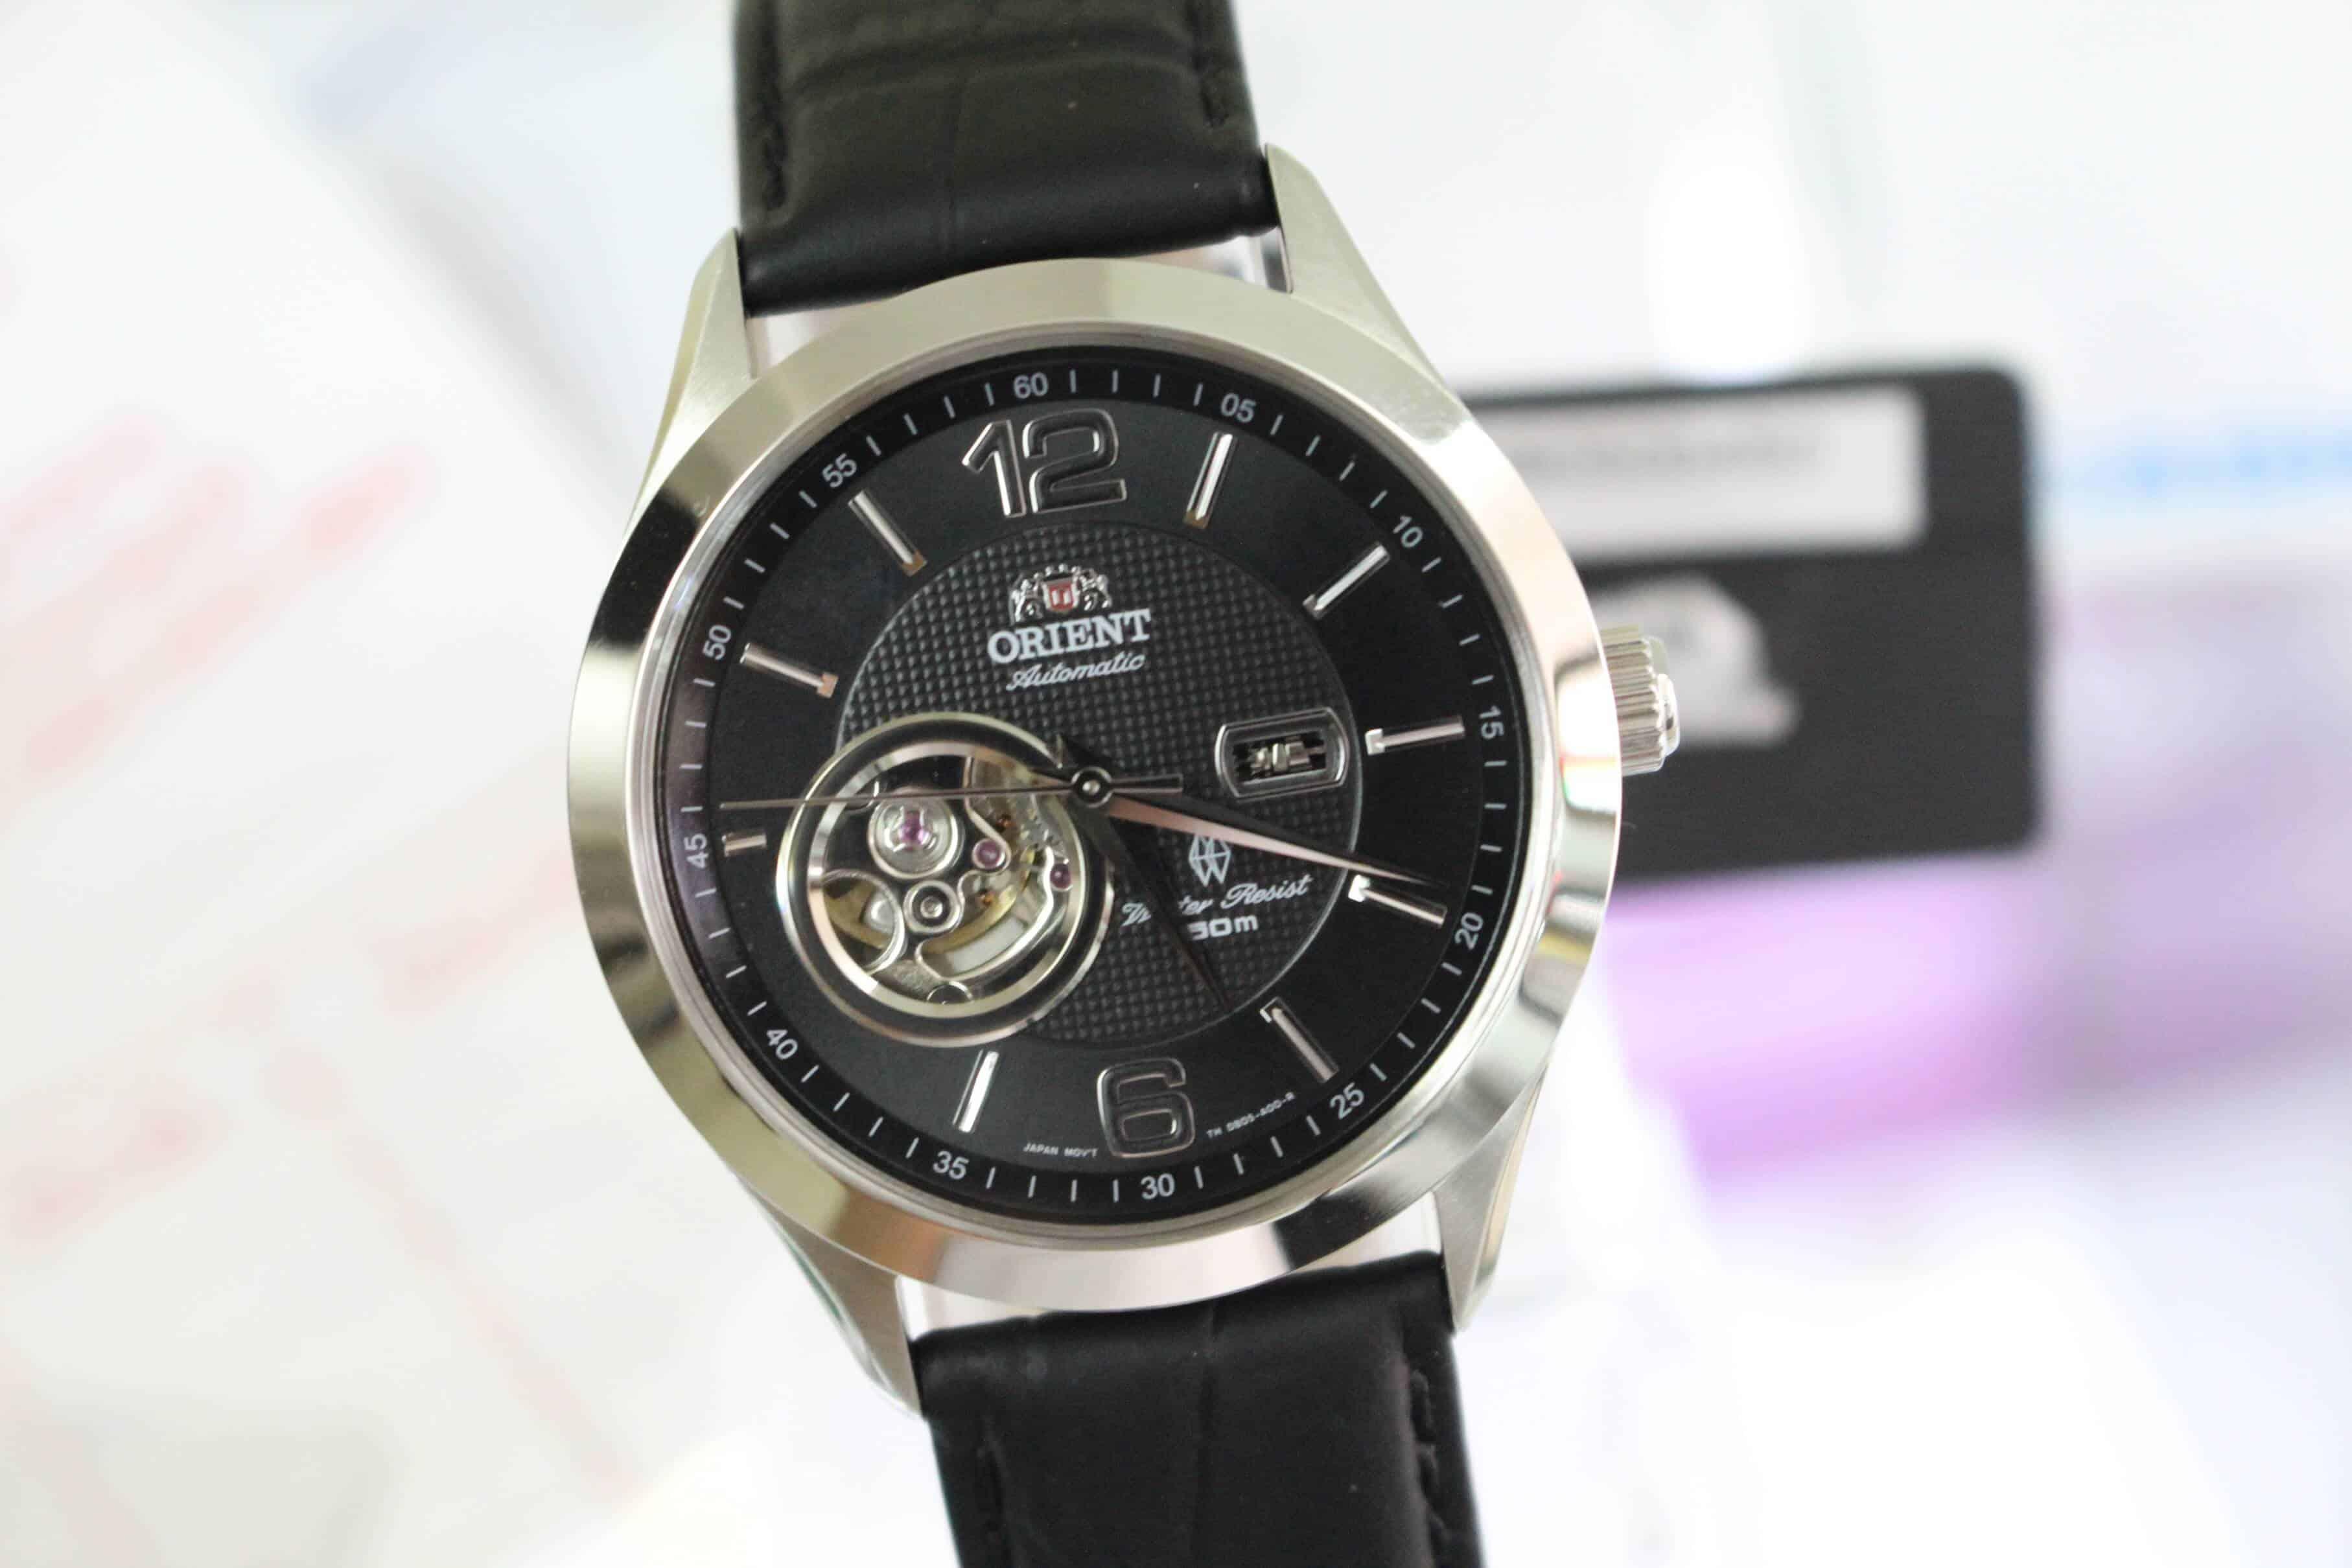 chỉnh đồng hồ cơ có giờ chạy chậm hoặc nhanh